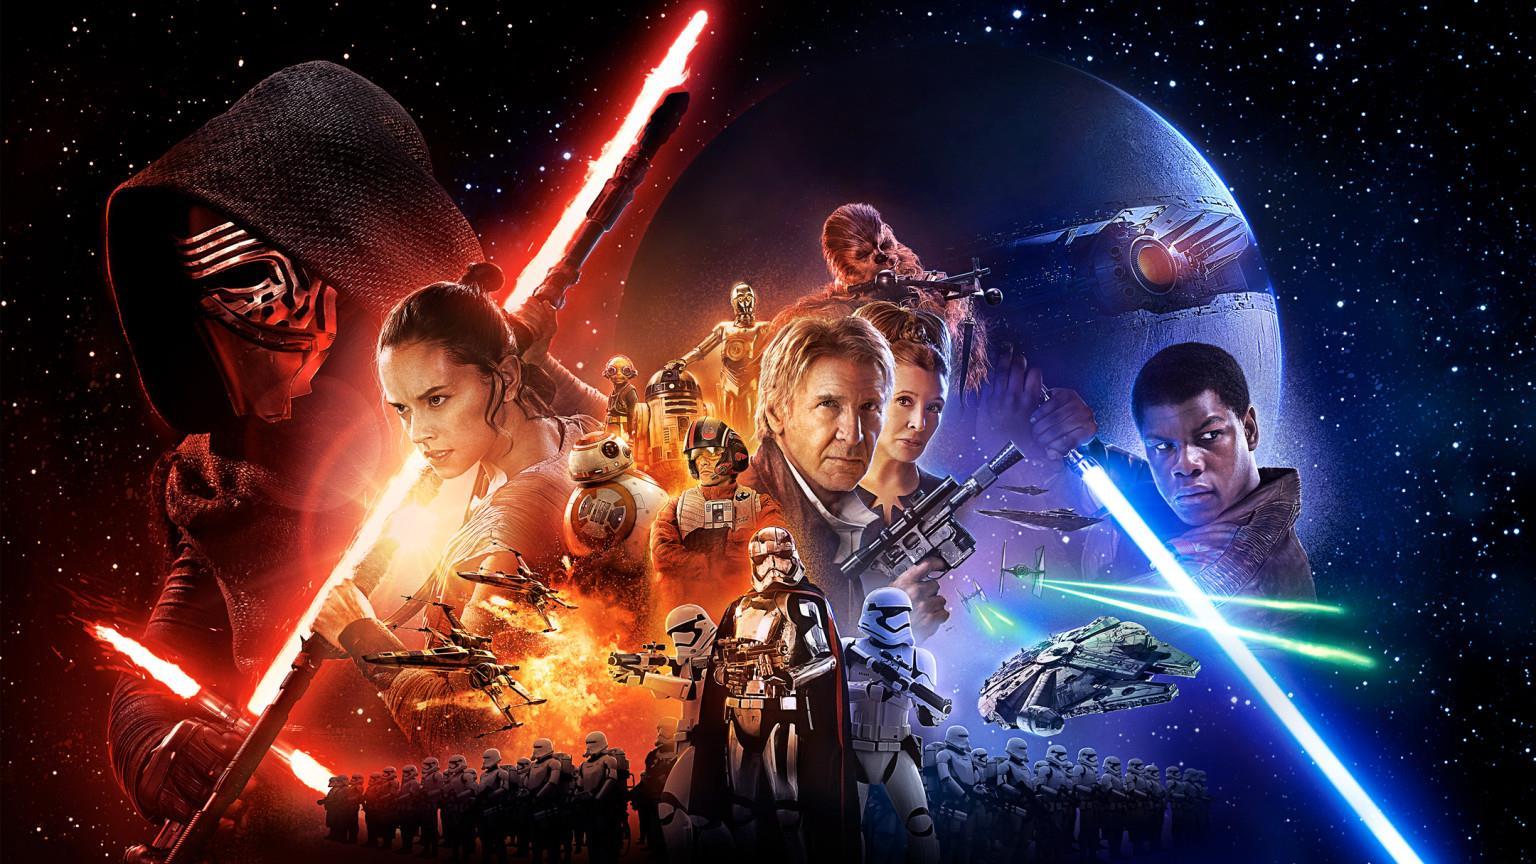 Un poster promozionale di Star Wars